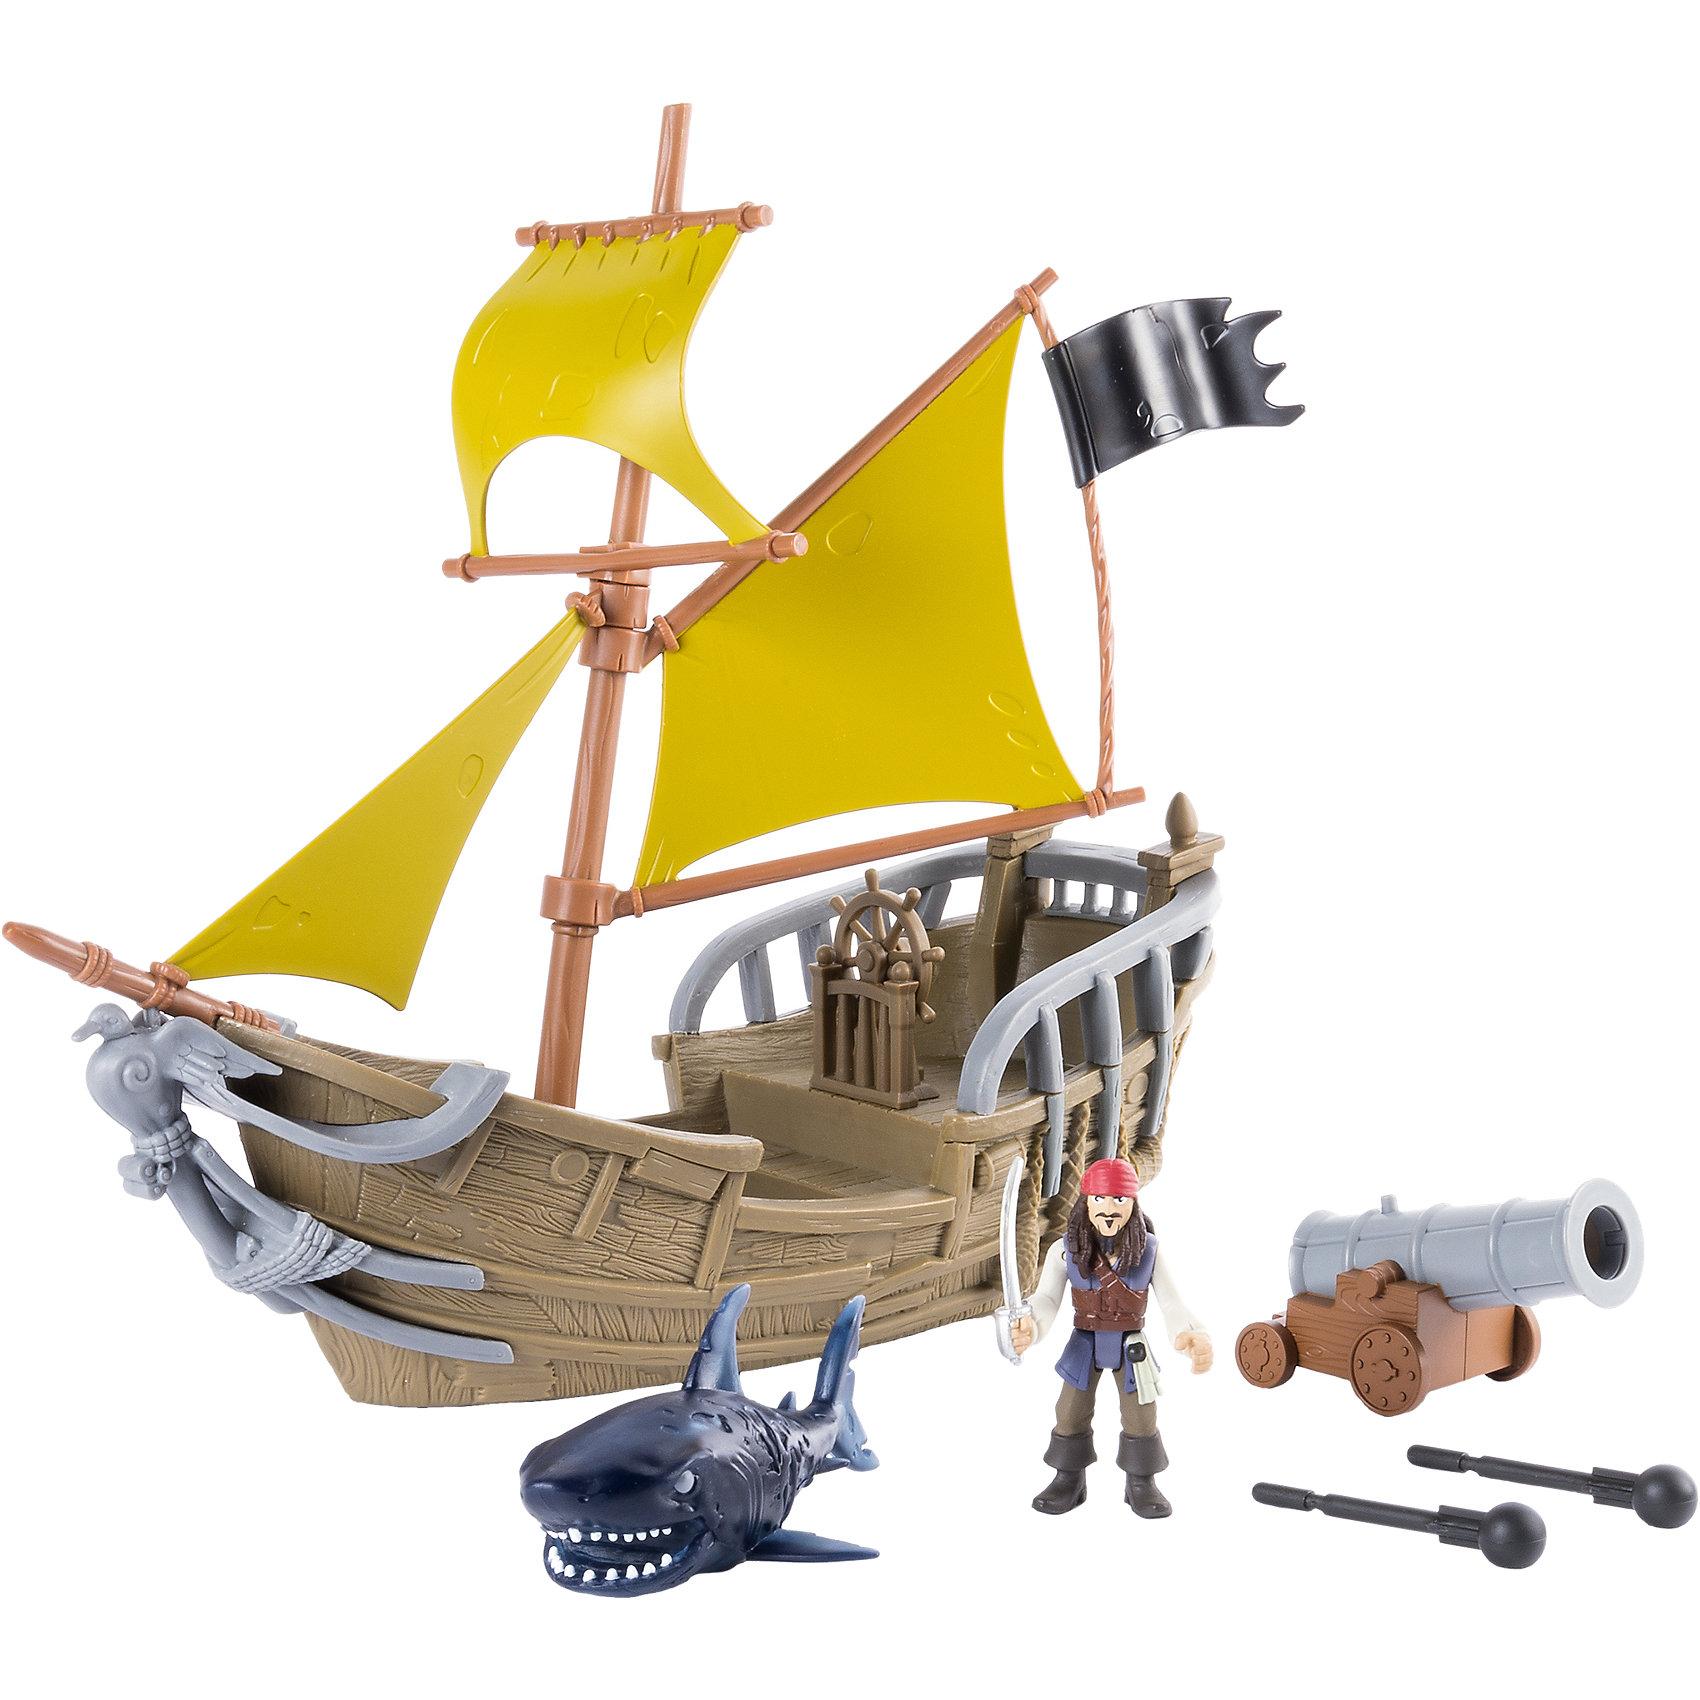 Игрушка Корабль Джека Воробья, Spin Master, Пираты Карибского моряКорабли и лодки<br>Характеристики товара:<br><br>• возраст: от 4 лет;<br>• материал: пластик;<br>• в комплекте: корабль, акула, снаряды, фигурка Джека Воробья;<br>• длина корабля: 30 см;<br>• размер упаковки: 39х31х13 см;<br>• вес упаковки: 740 гр.;<br>• страна производитель: Китай.<br><br>Игрушка «Корабль Джека Воробья» Пираты Карибского моря Spin Master создана по мотивам известного фильма «Пираты Карибского моря: Мертвецы не рассказывают сказки». В фильме у Джека Воробья новый корабль. У корабля желтые паруса и черный флаг. На борту его стоит пушка, которая стреляет снарядами.<br><br>Игрушку «Корабль Джека Воробья» Пираты Карибского моря Spin Master можно приобрести в нашем интернет-магазине.<br><br>Ширина мм: 405<br>Глубина мм: 314<br>Высота мм: 139<br>Вес г: 751<br>Возраст от месяцев: 48<br>Возраст до месяцев: 96<br>Пол: Мужской<br>Возраст: Детский<br>SKU: 5104679